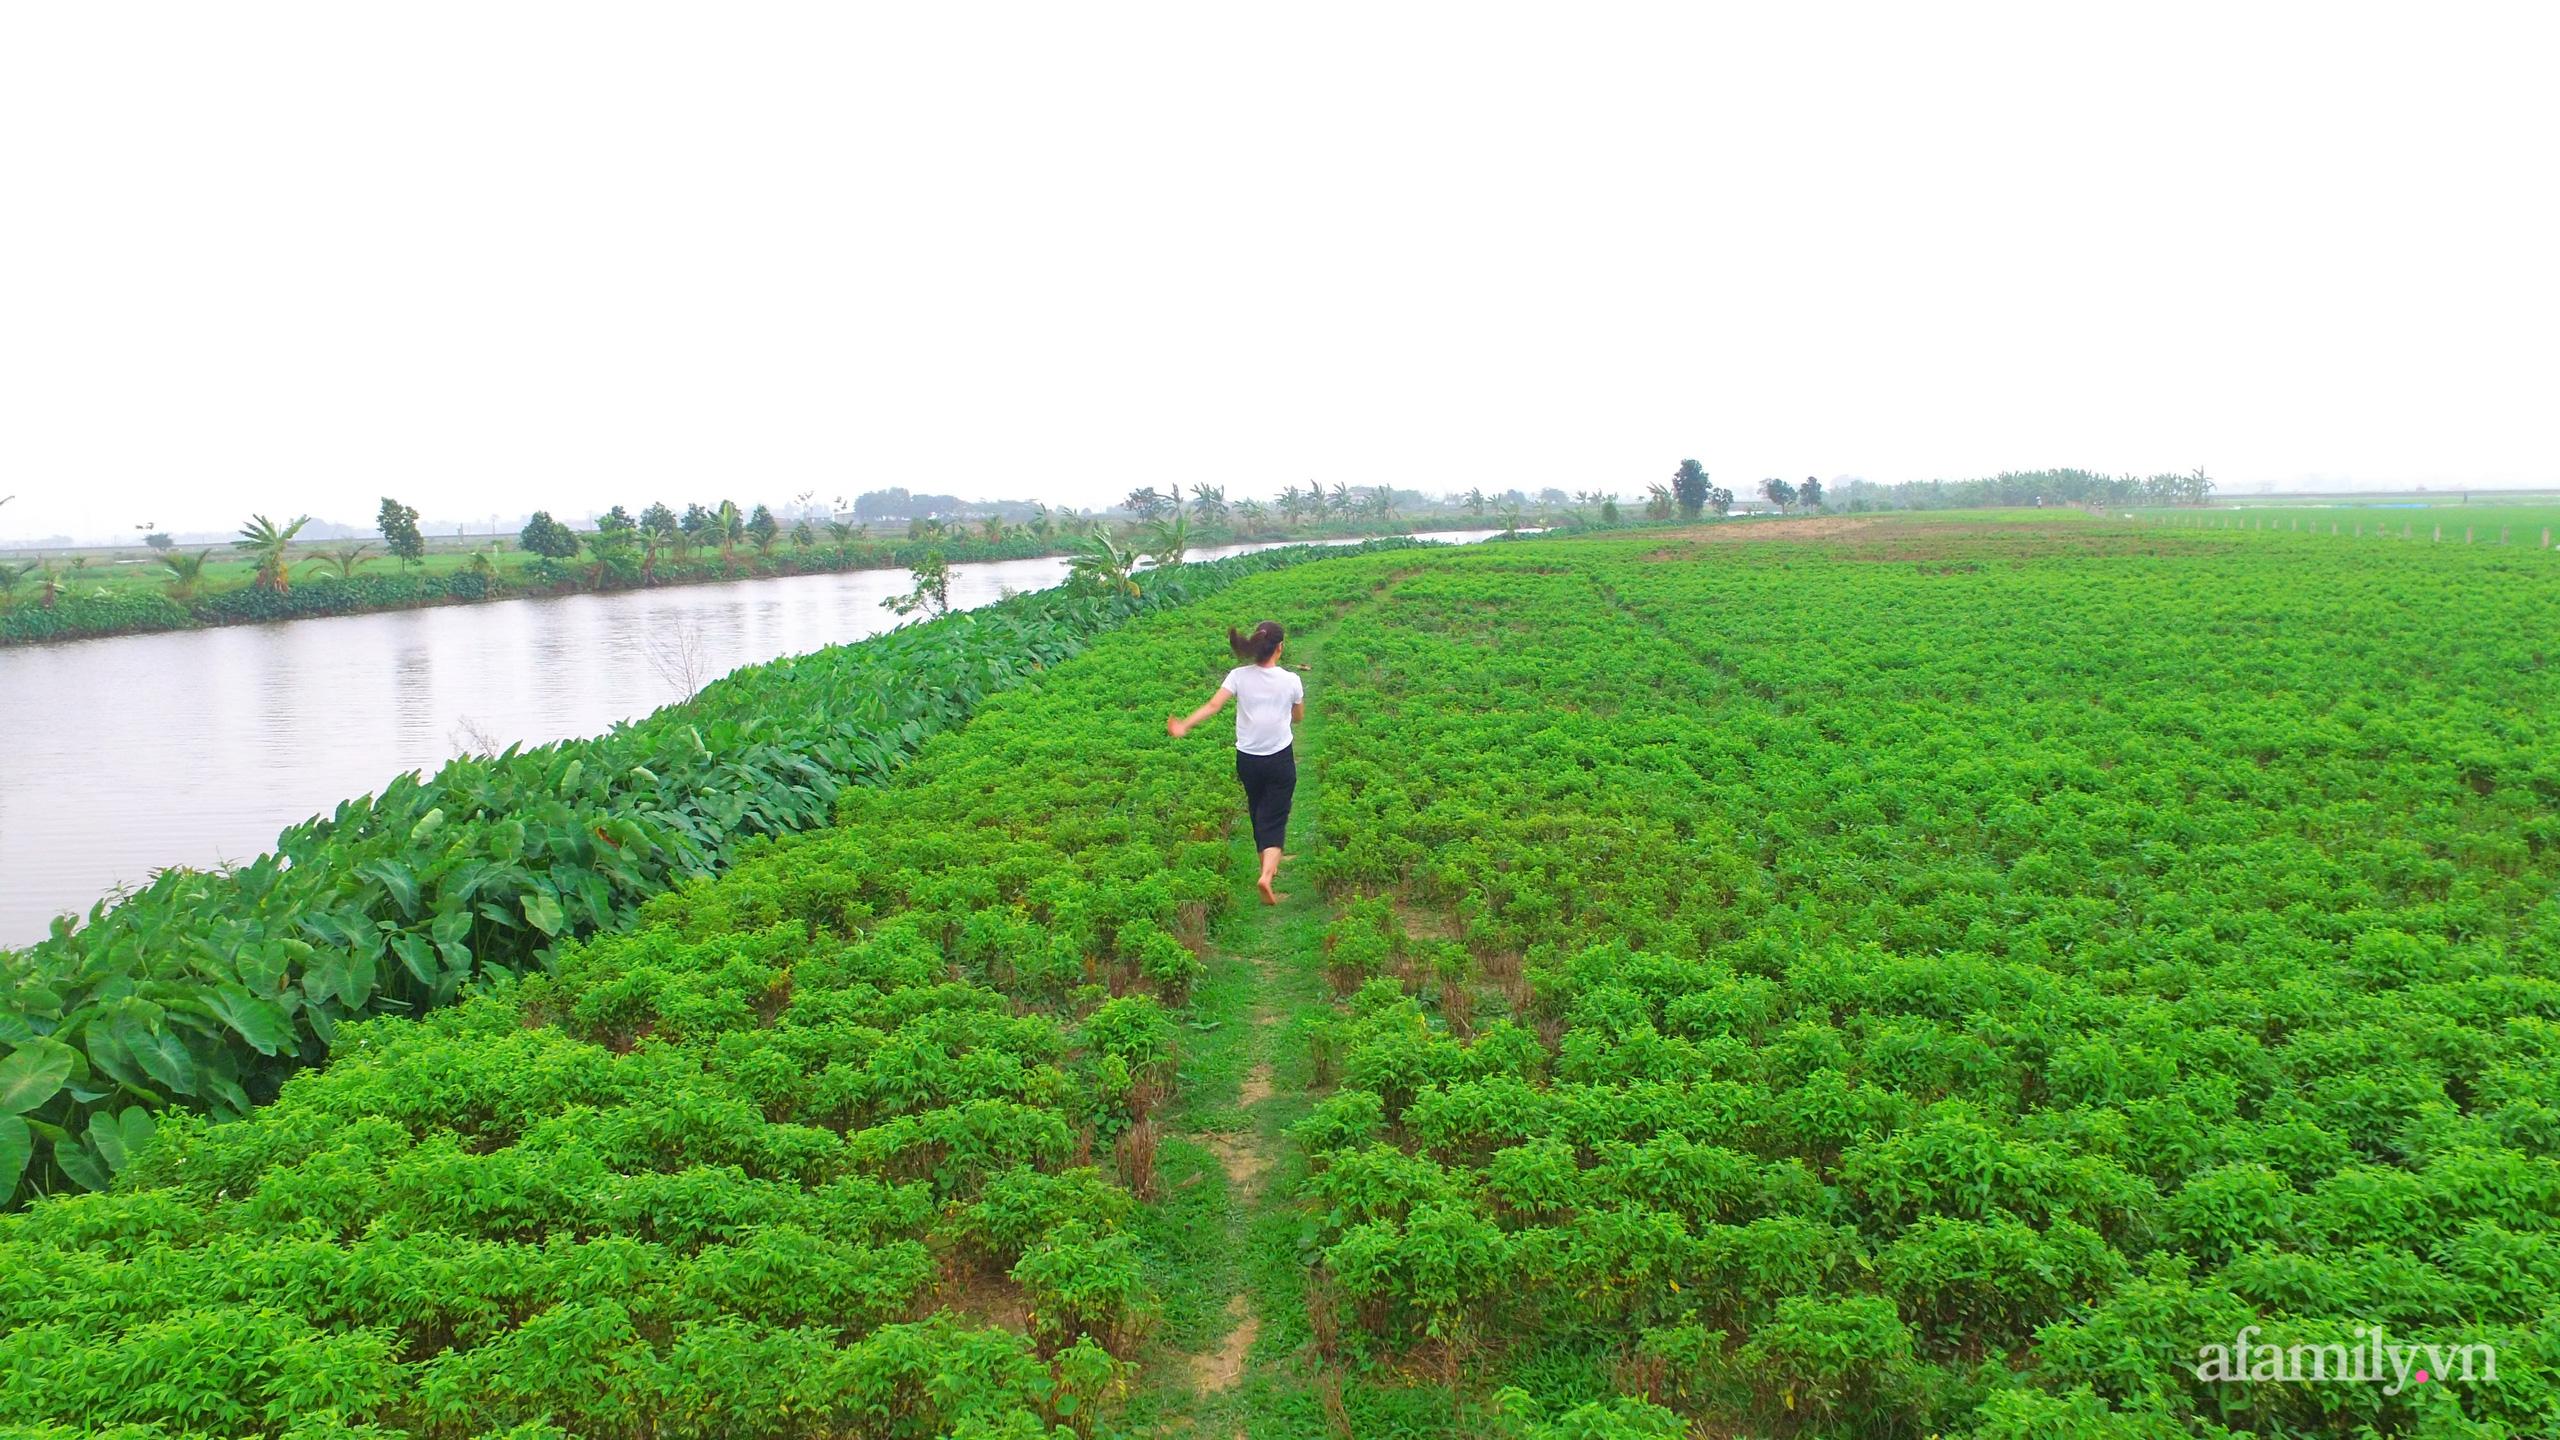 Quyết định bỏ phố về quê sống tối giản cô gái Nam Định chỉ tiêu tới 1/5 lương nhưng sau 3 tháng phát hiện điều bất lợi này - Ảnh 2.